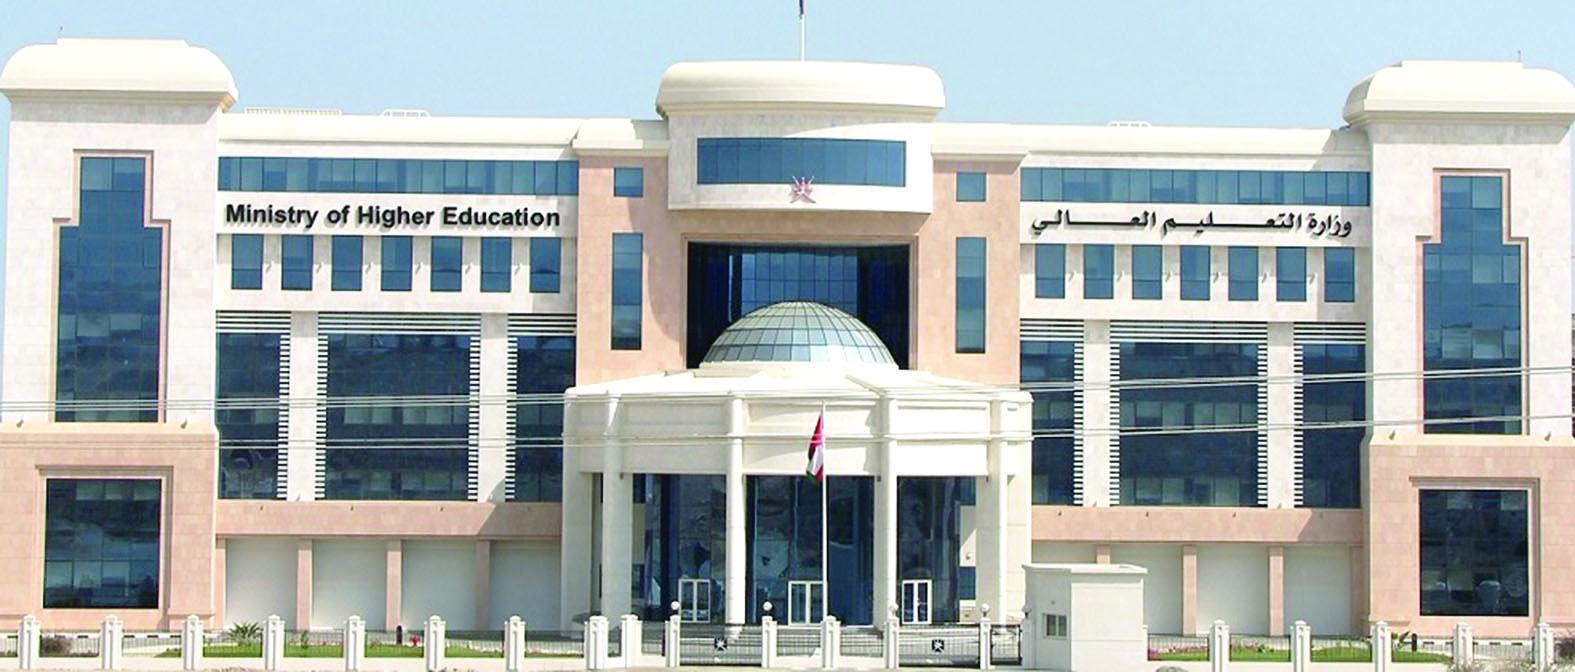 لجنة المعادلة بالتعليم العالي تصدر عددًا من القرارات